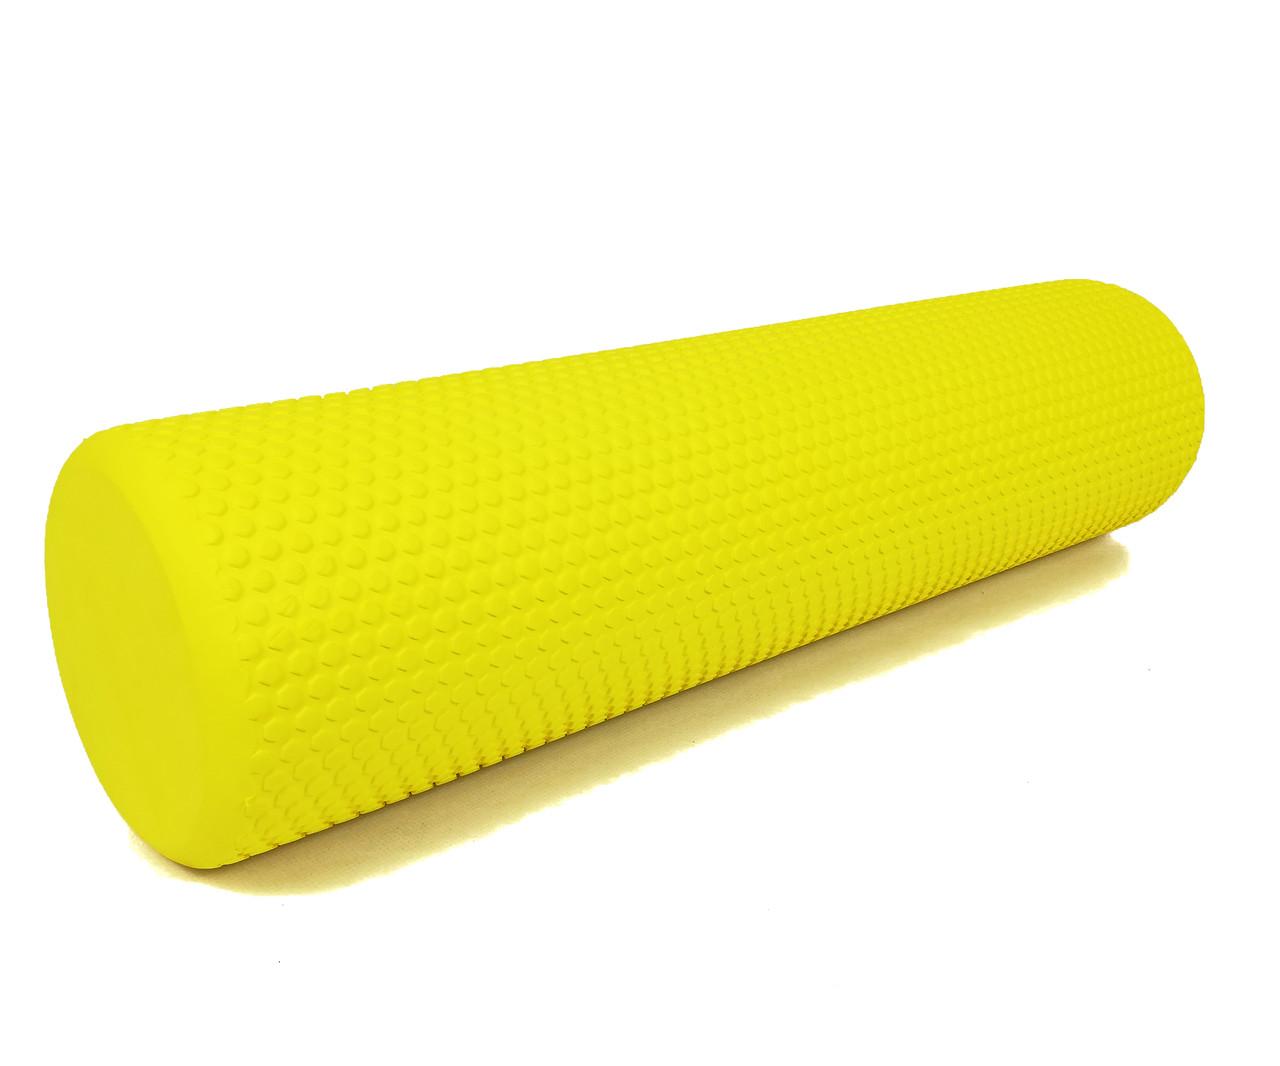 Ролик массажный Foam Roller EVA пена 60 см желтый. Ролик для йоги и фитнеса